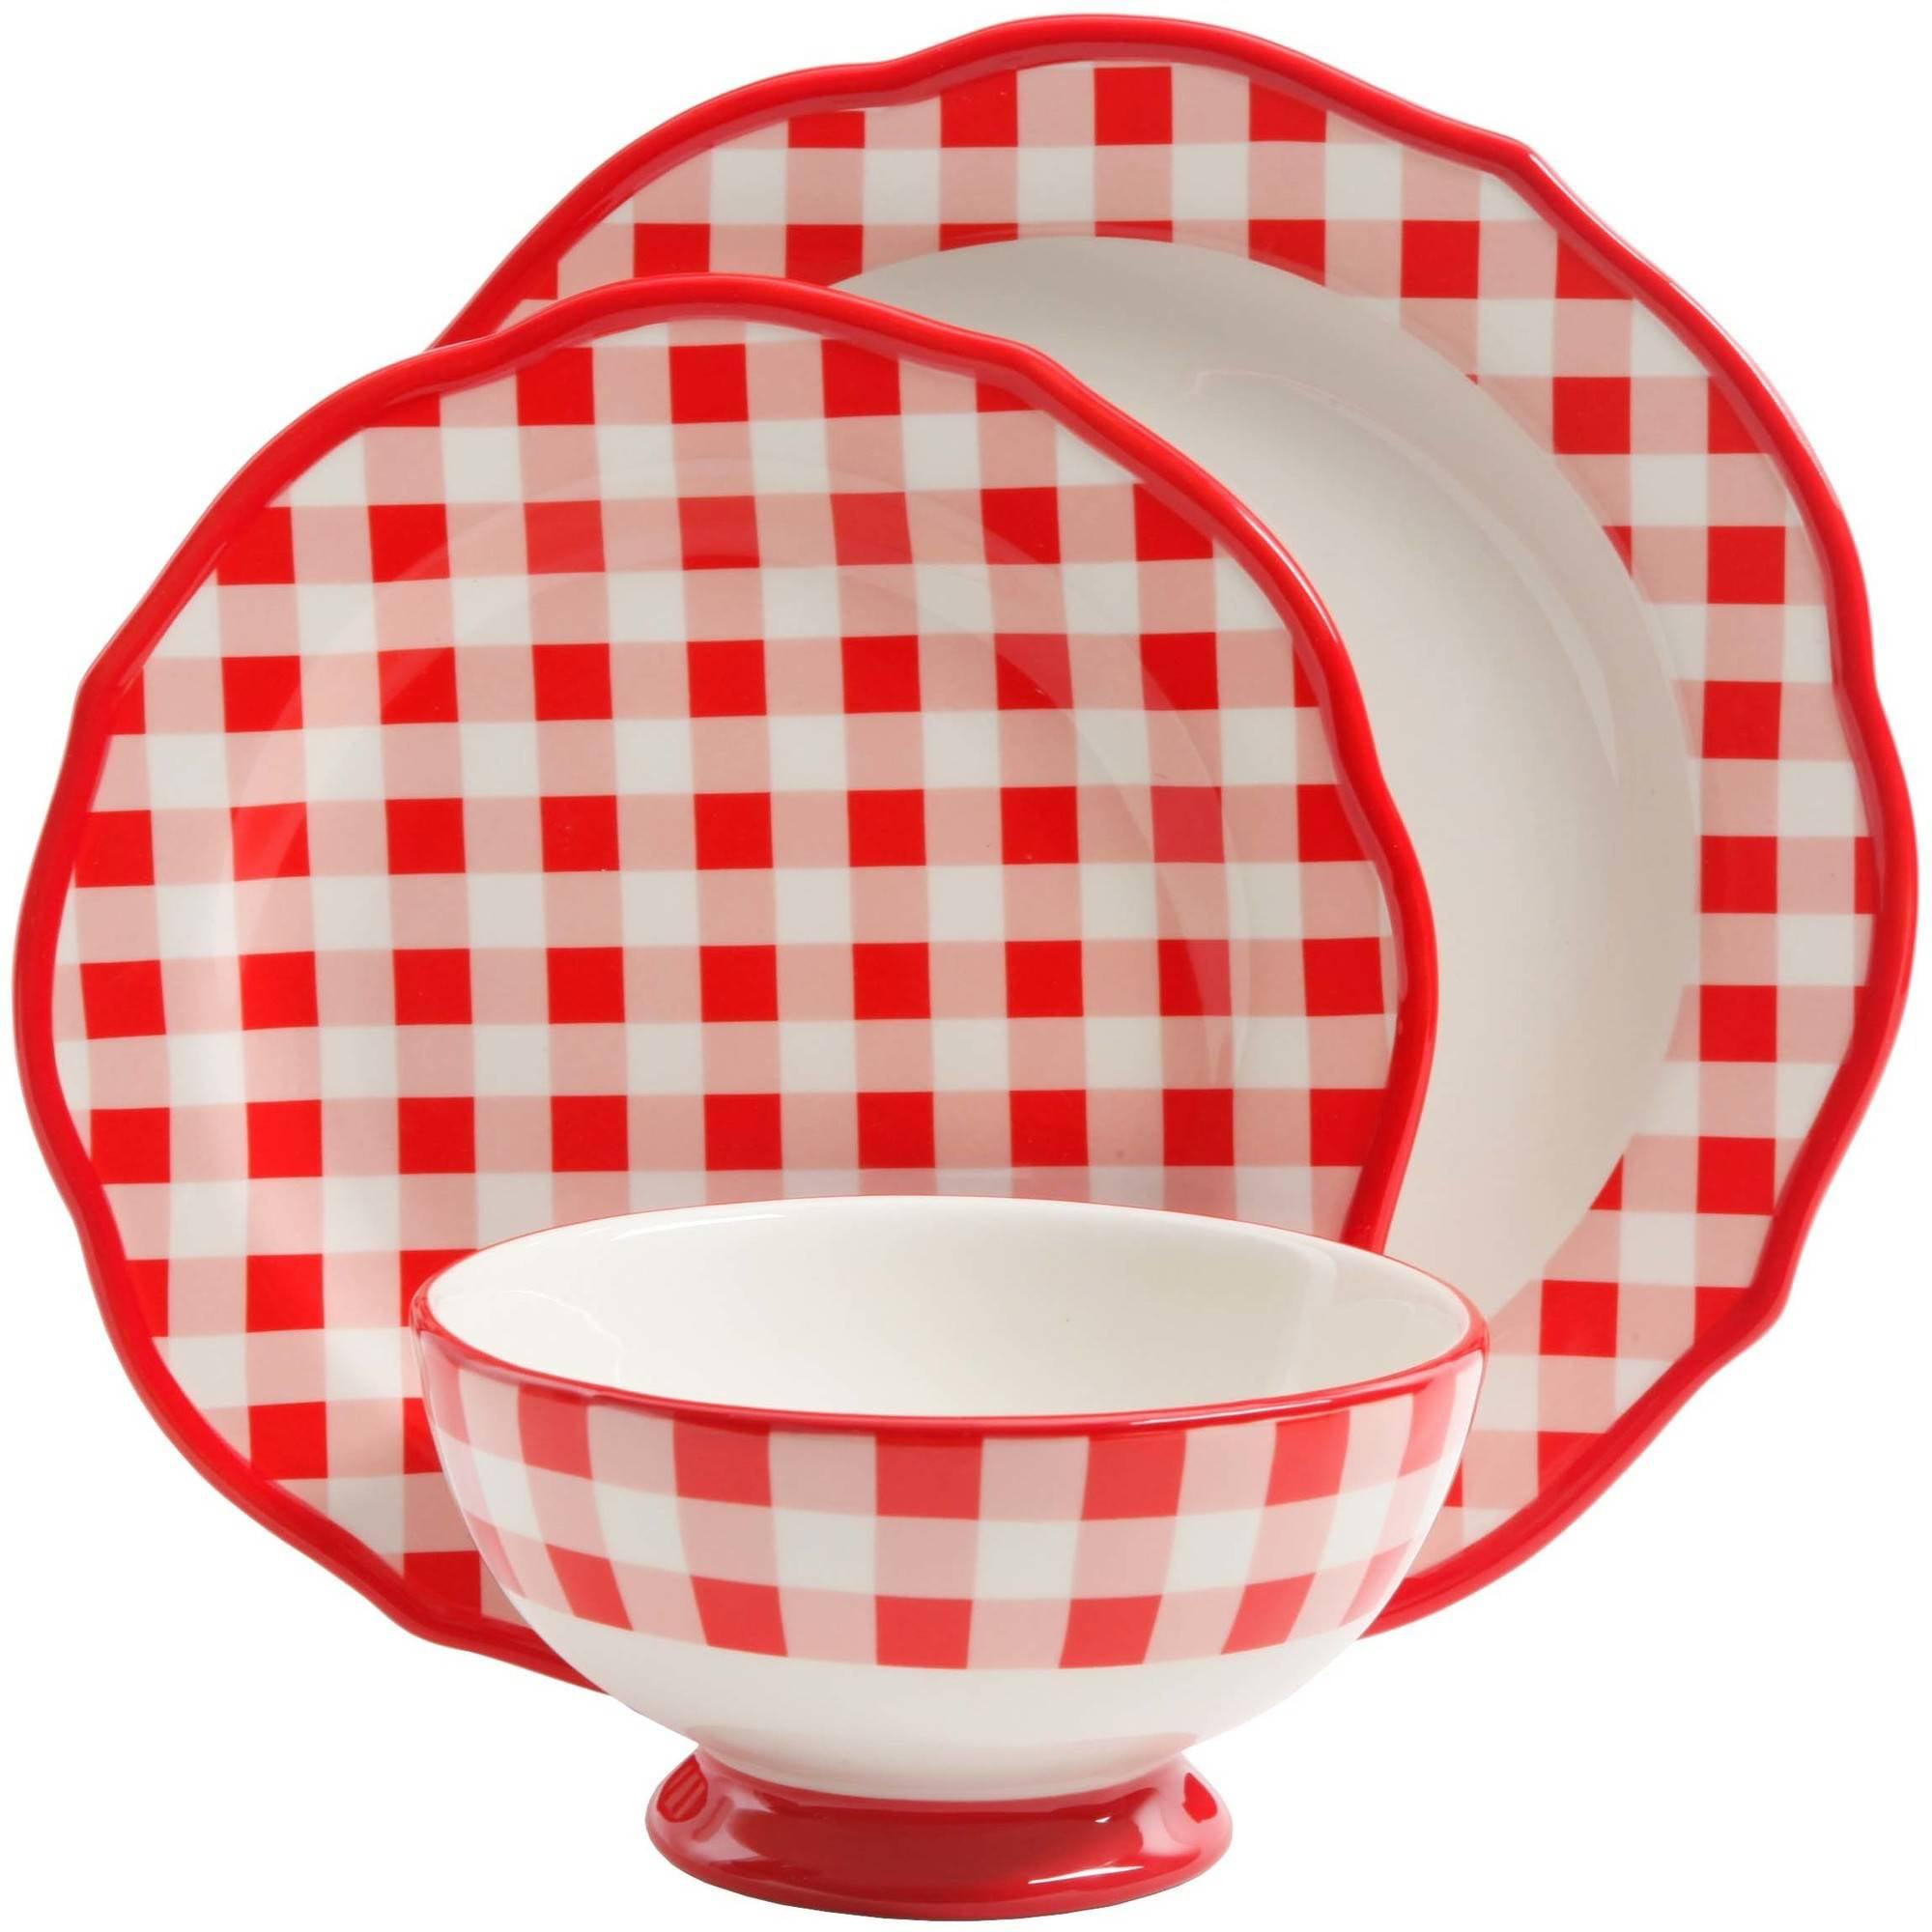 Gingham Checkered Dinnerware Sc 1 St